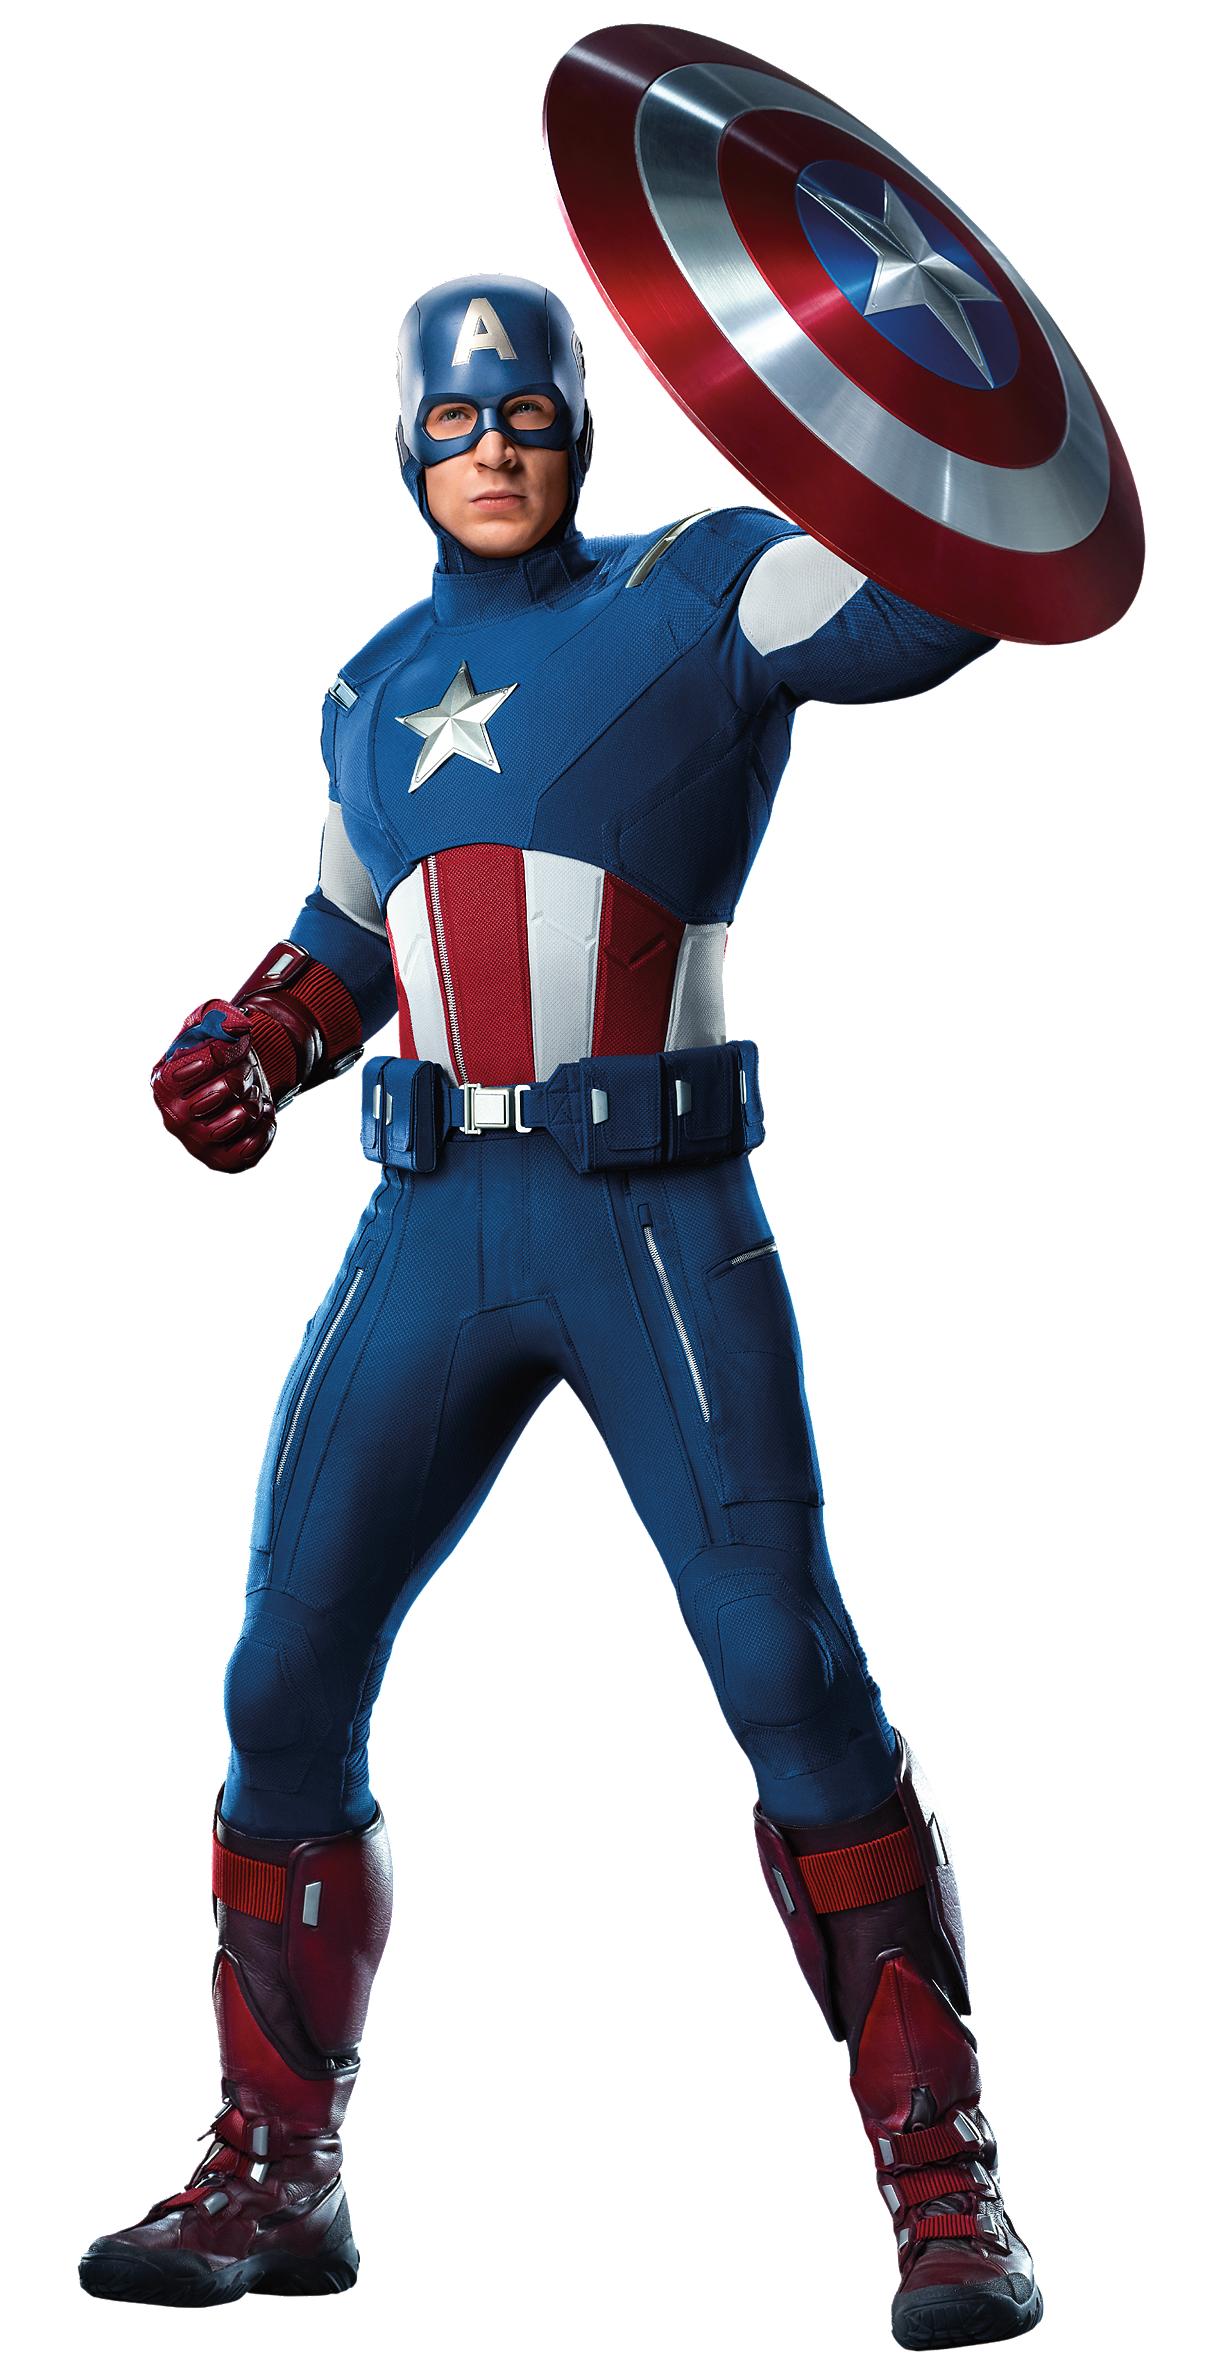 Captain America Captain America Captain America Movie Superhero